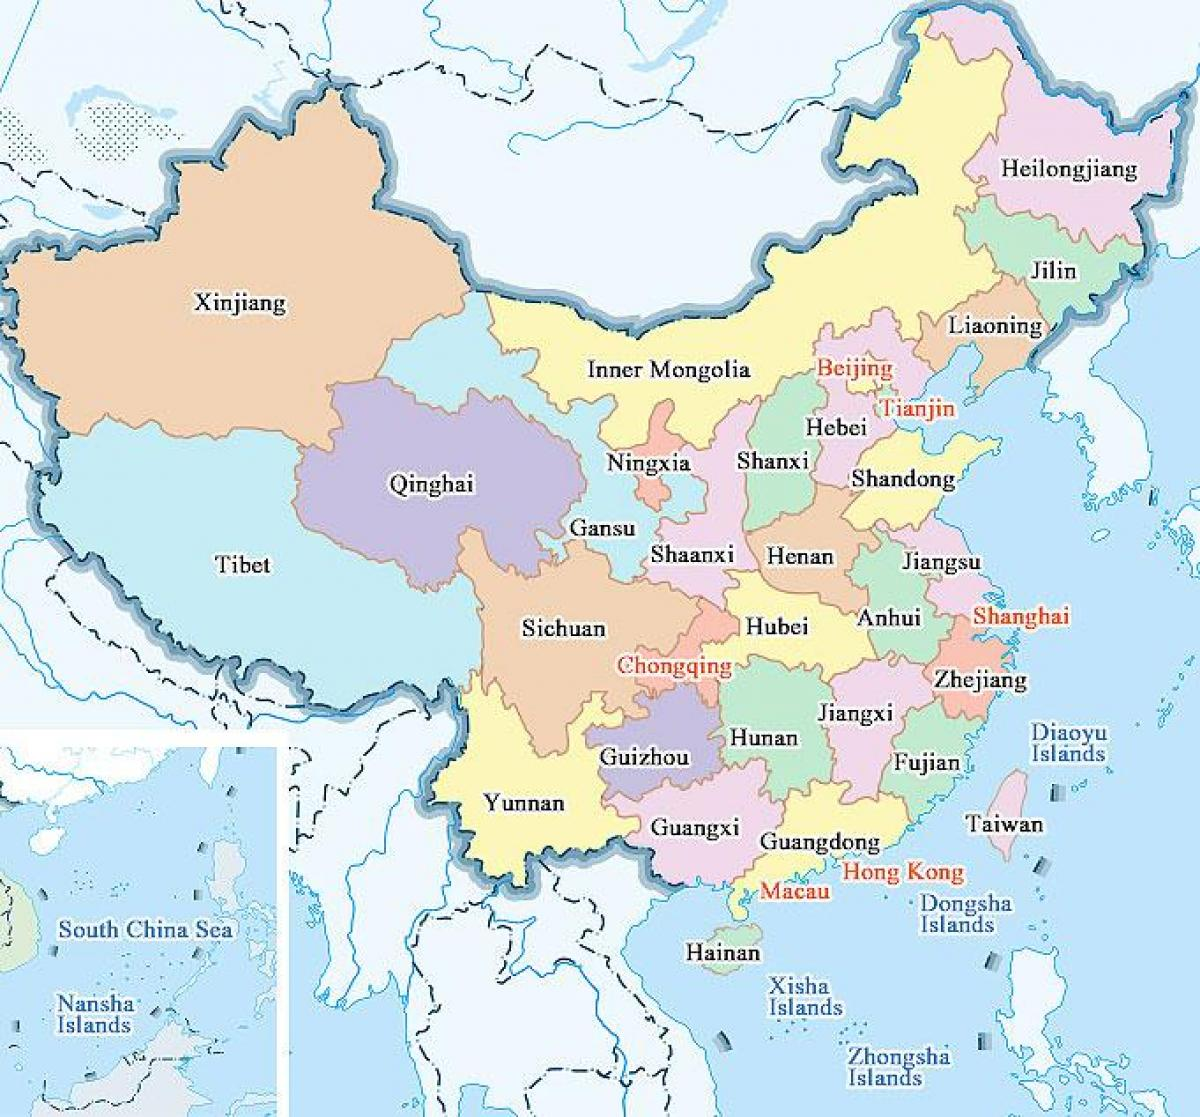 kina kart Kart av Kinas provinser og byer   Kina kart byer og provinser (Øst  kina kart